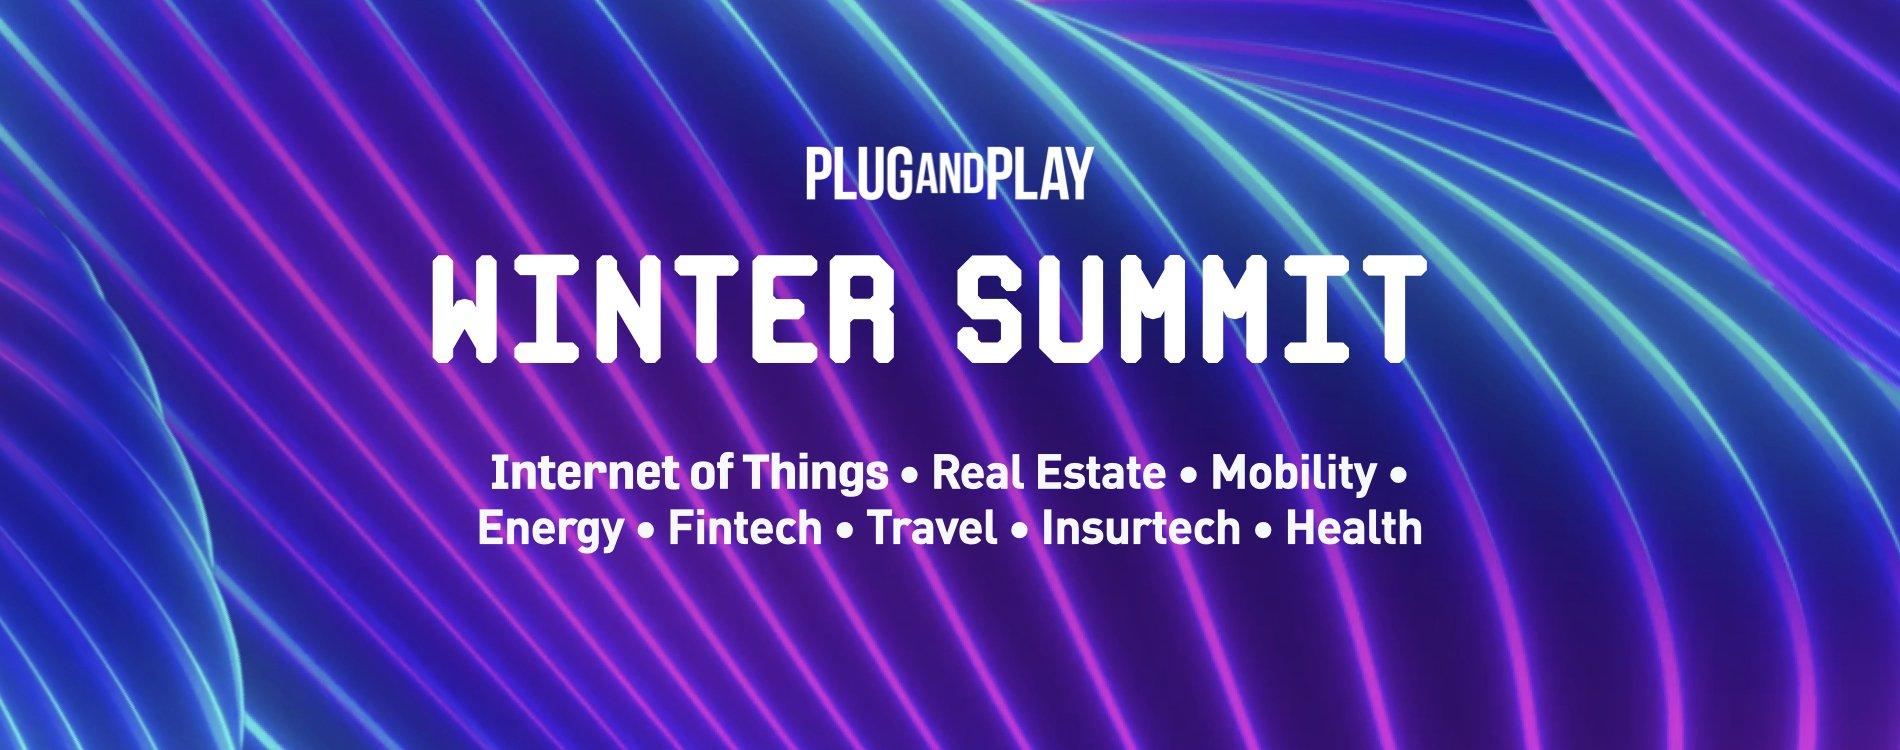 Winter Summit 2020 Startup Blog Post Banner